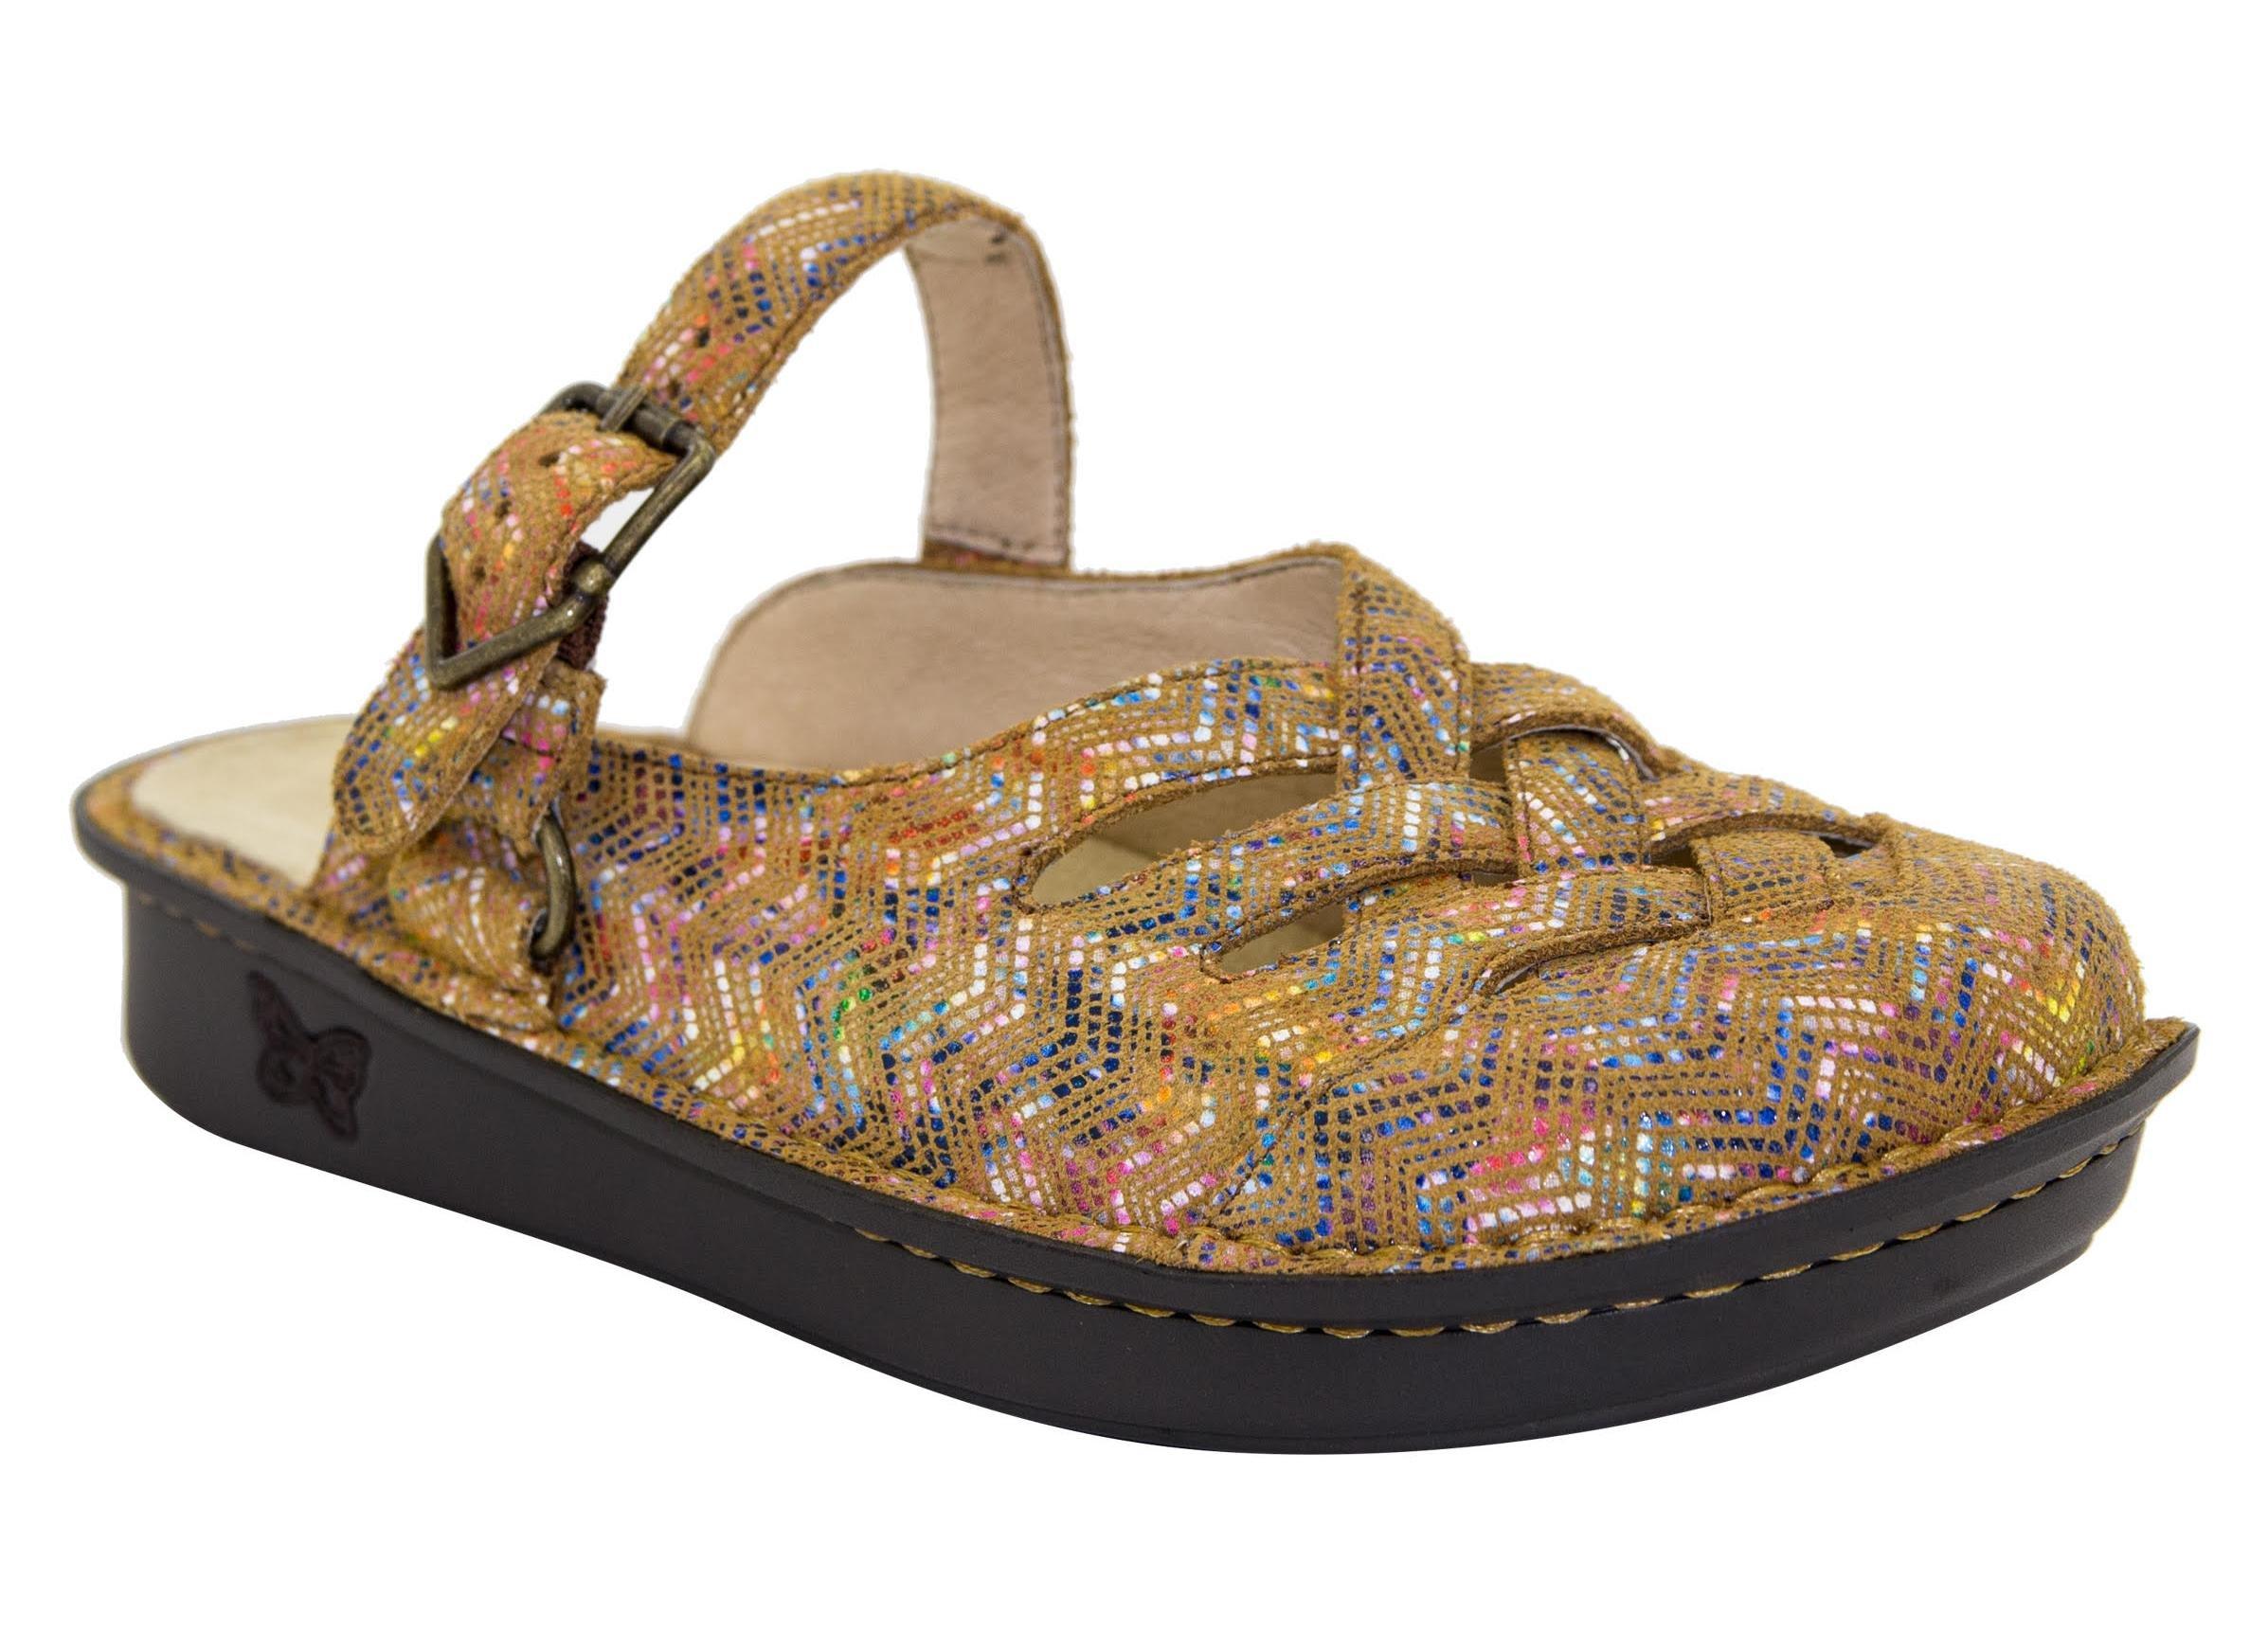 Alegria Women's Freesia Leather Clog Limited Edition RIC Rack Rainbow Tan 39 Medium EU / 9-9.5 B(Medium) US by Alegria